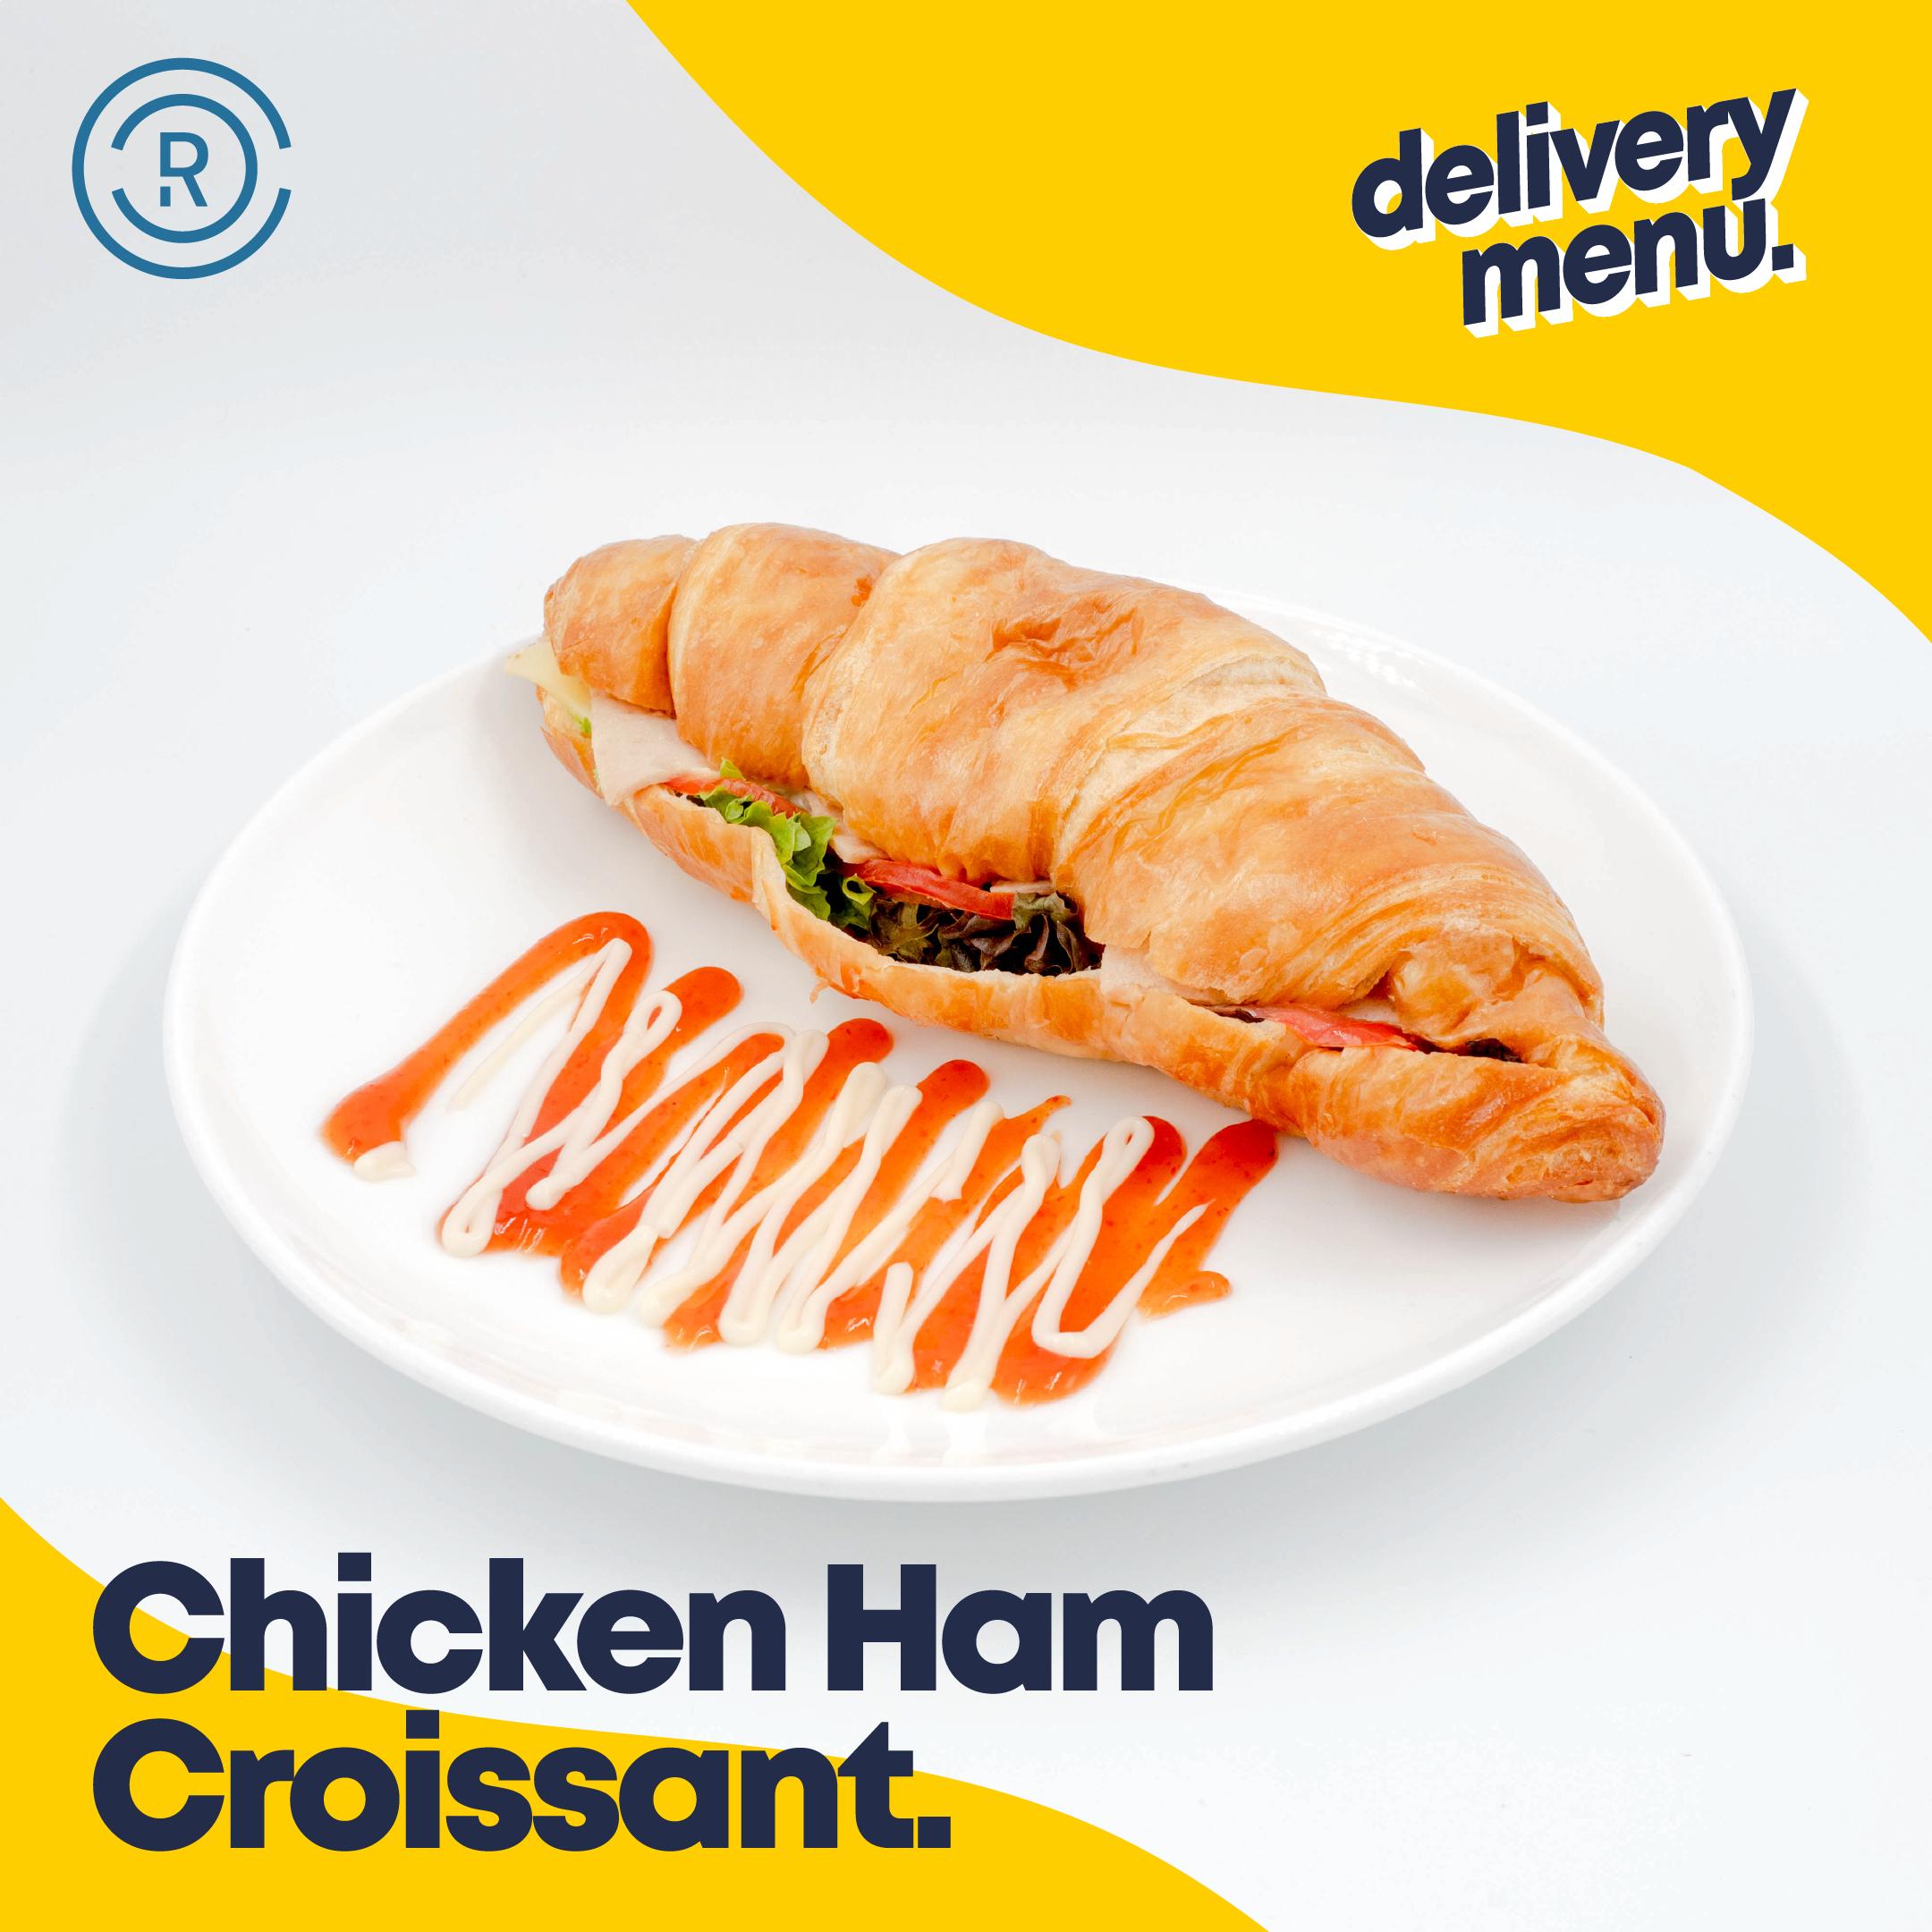 Chicken Ham Croissant